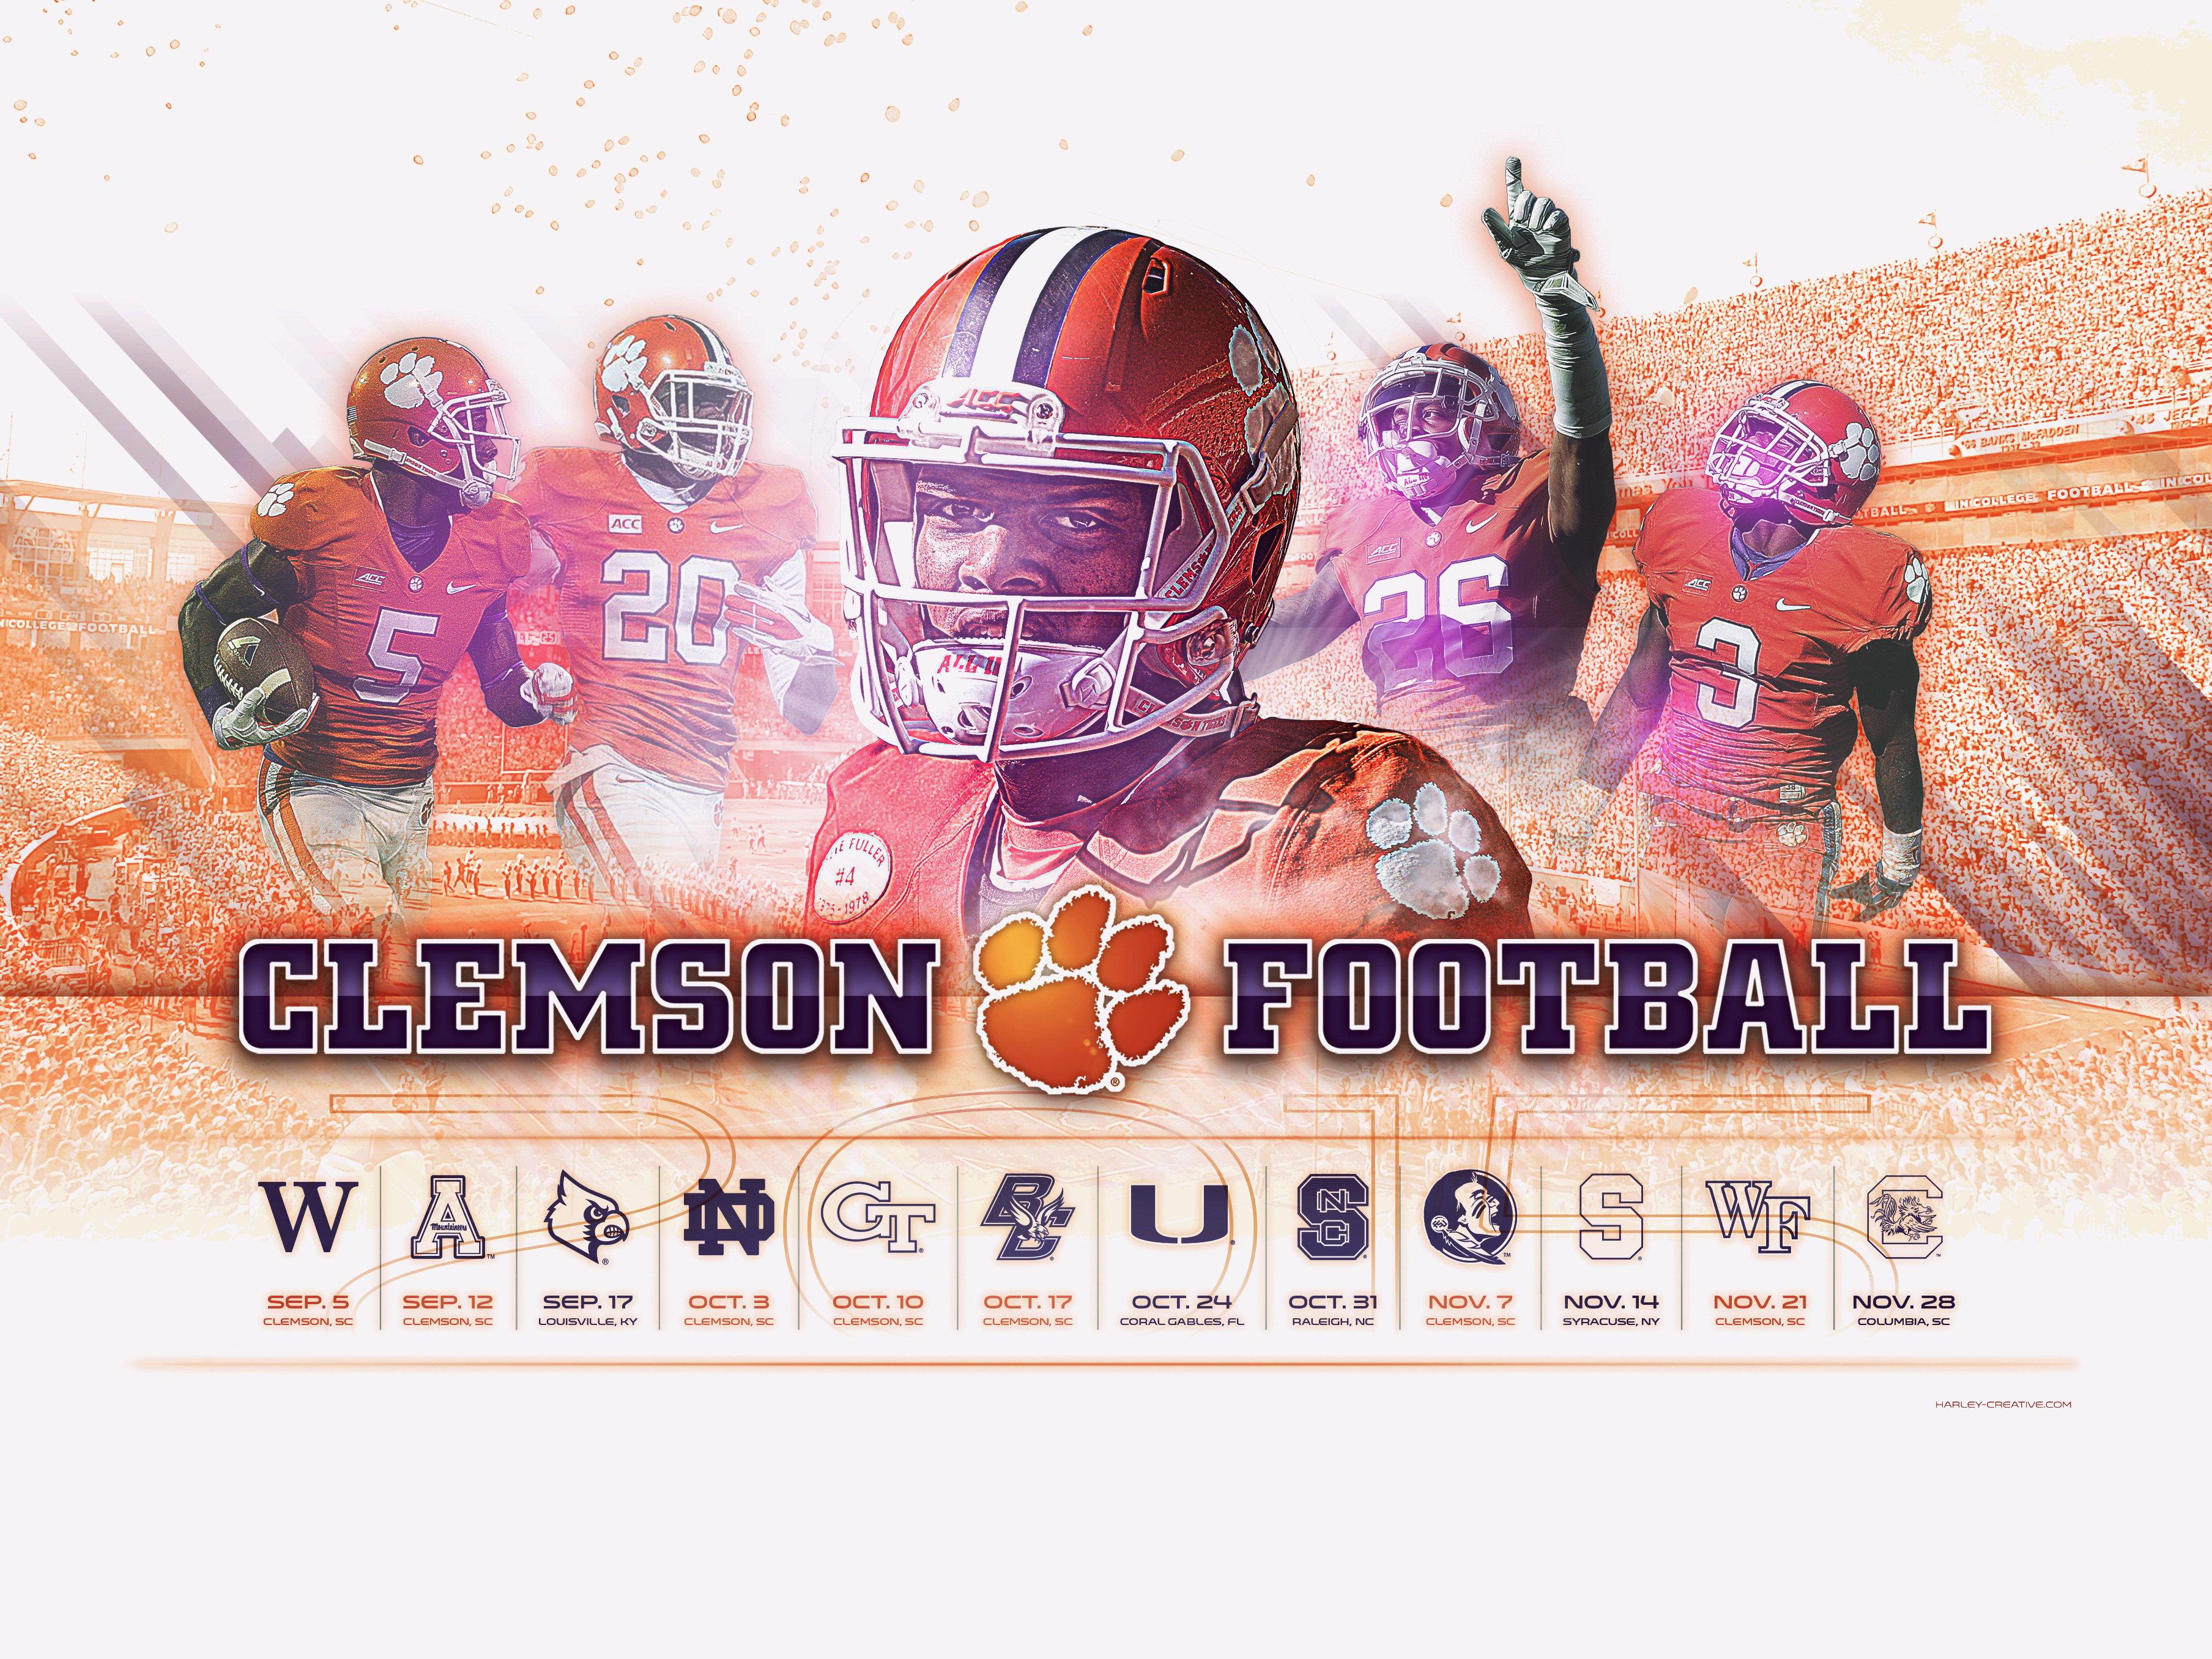 Clemson Football Wallpaper Clemson Football Schedule 2015 Wallpaper 3616x2712